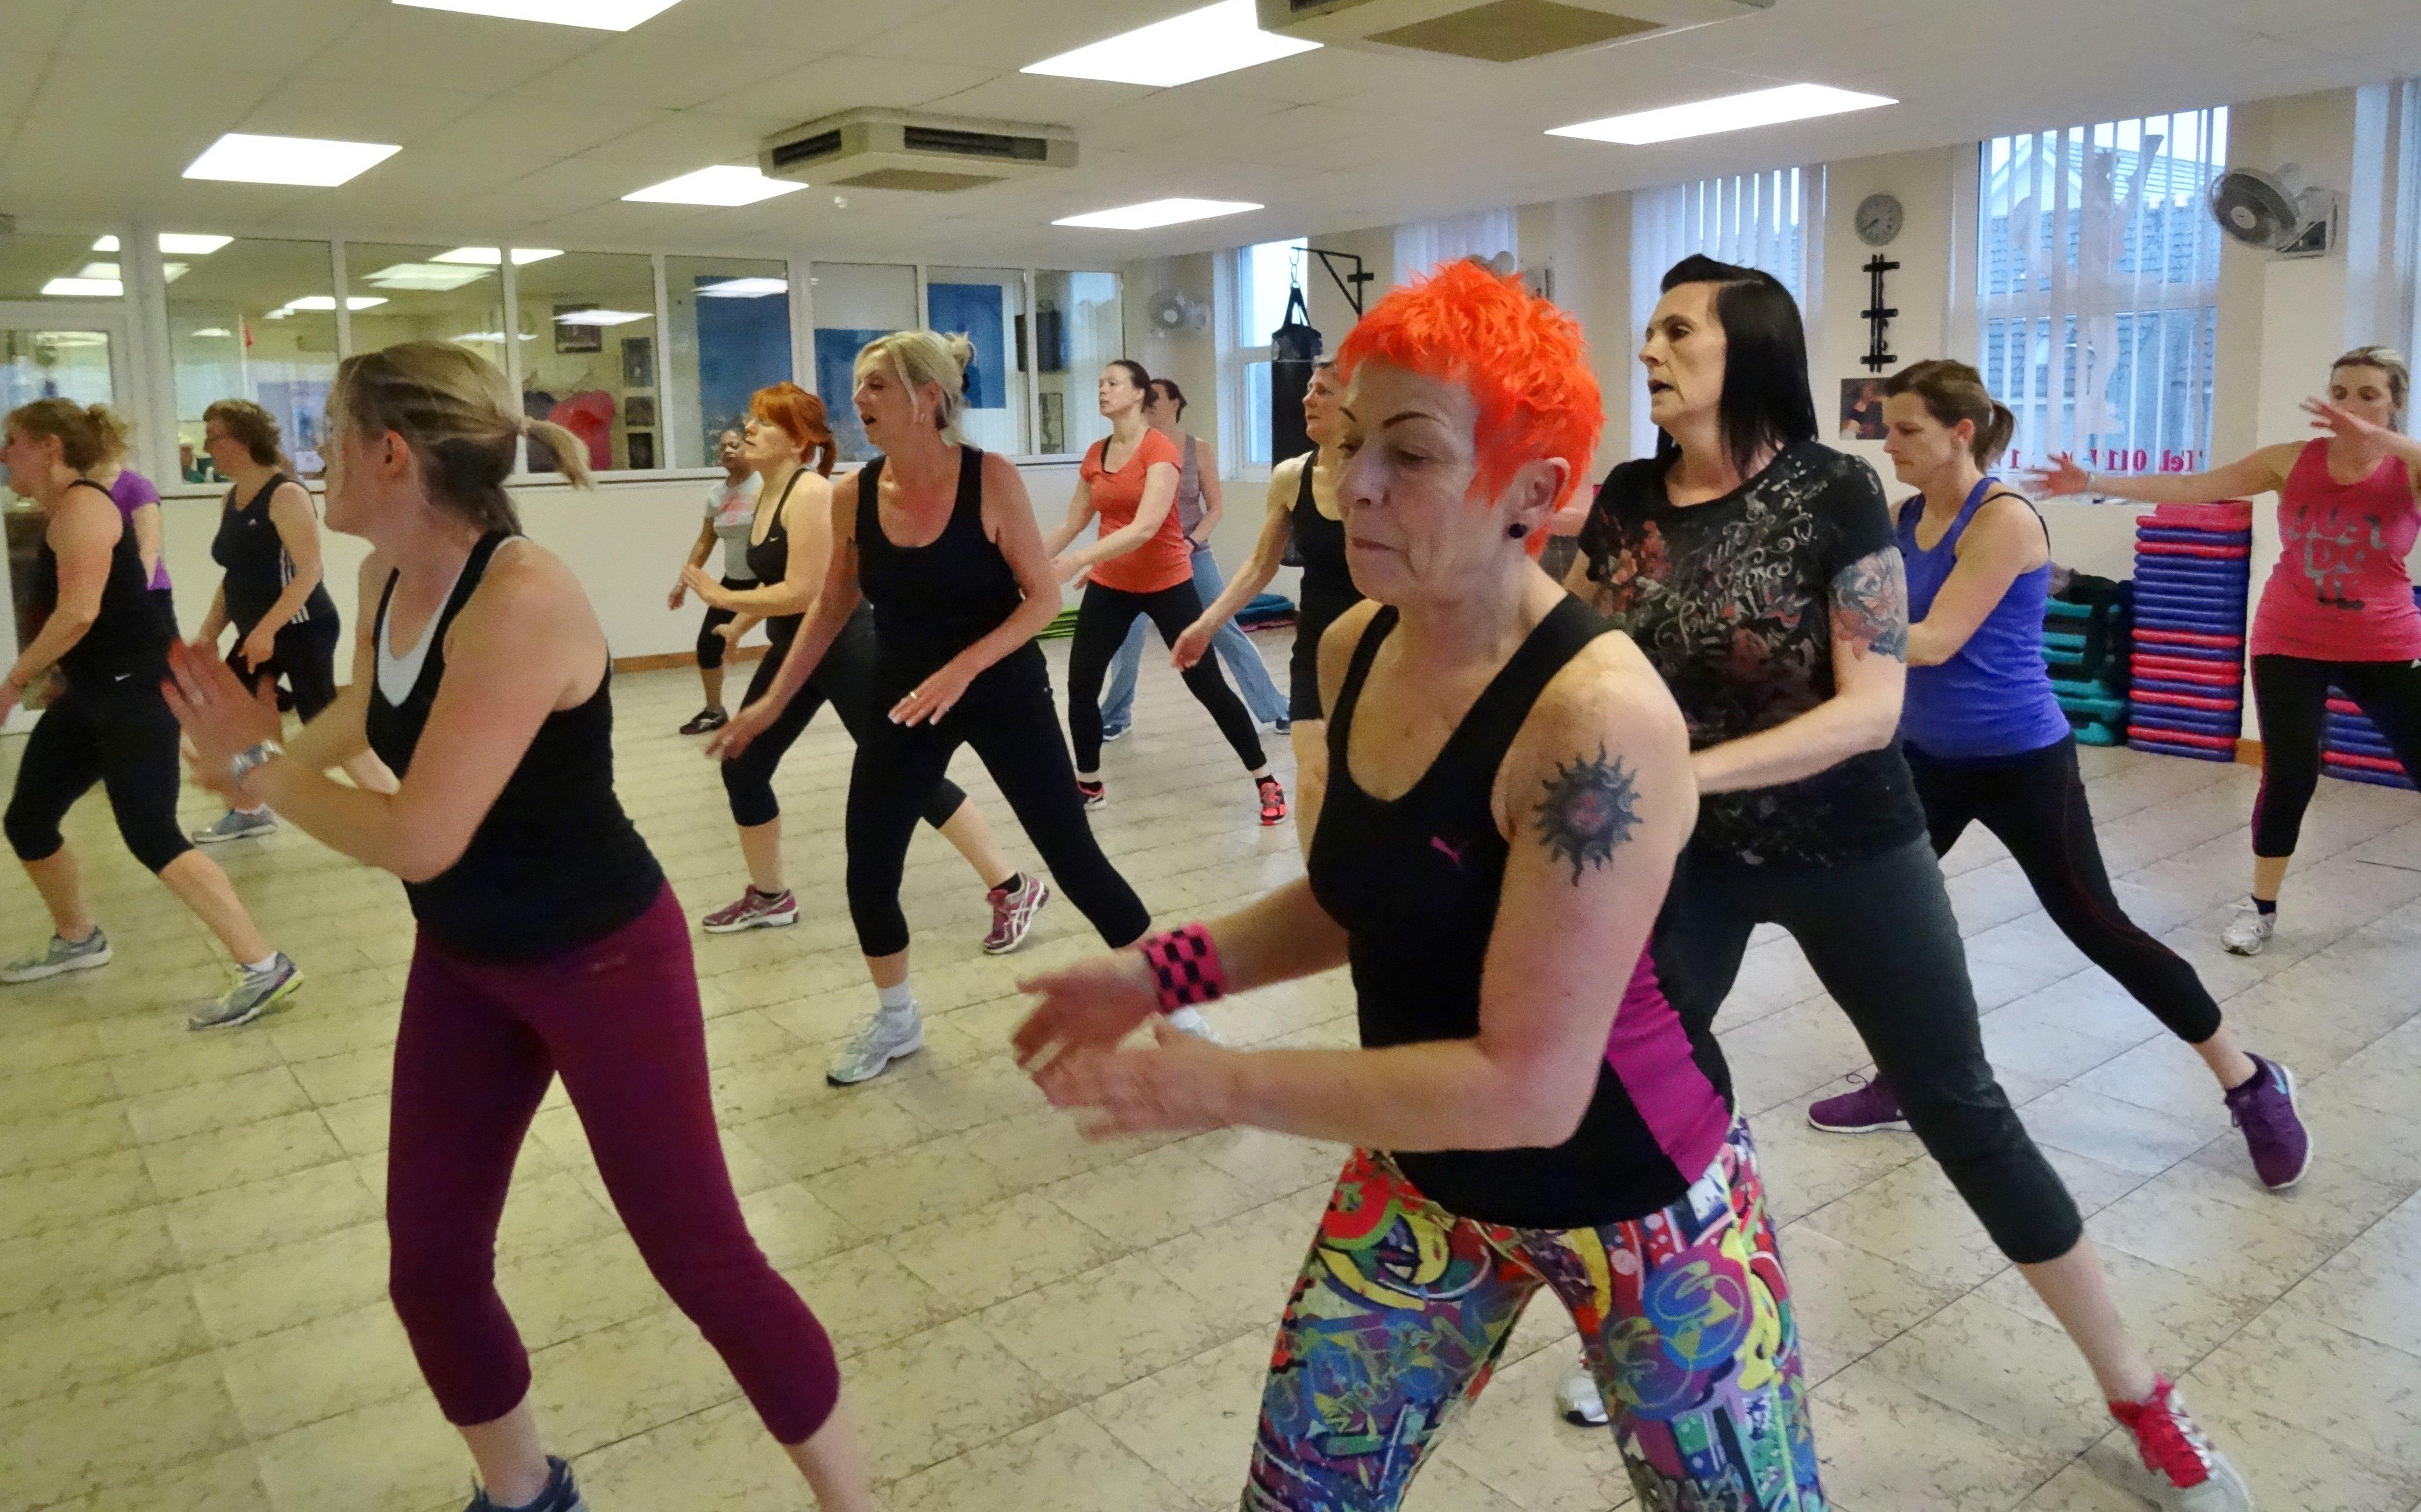 ladies practicing aerobics